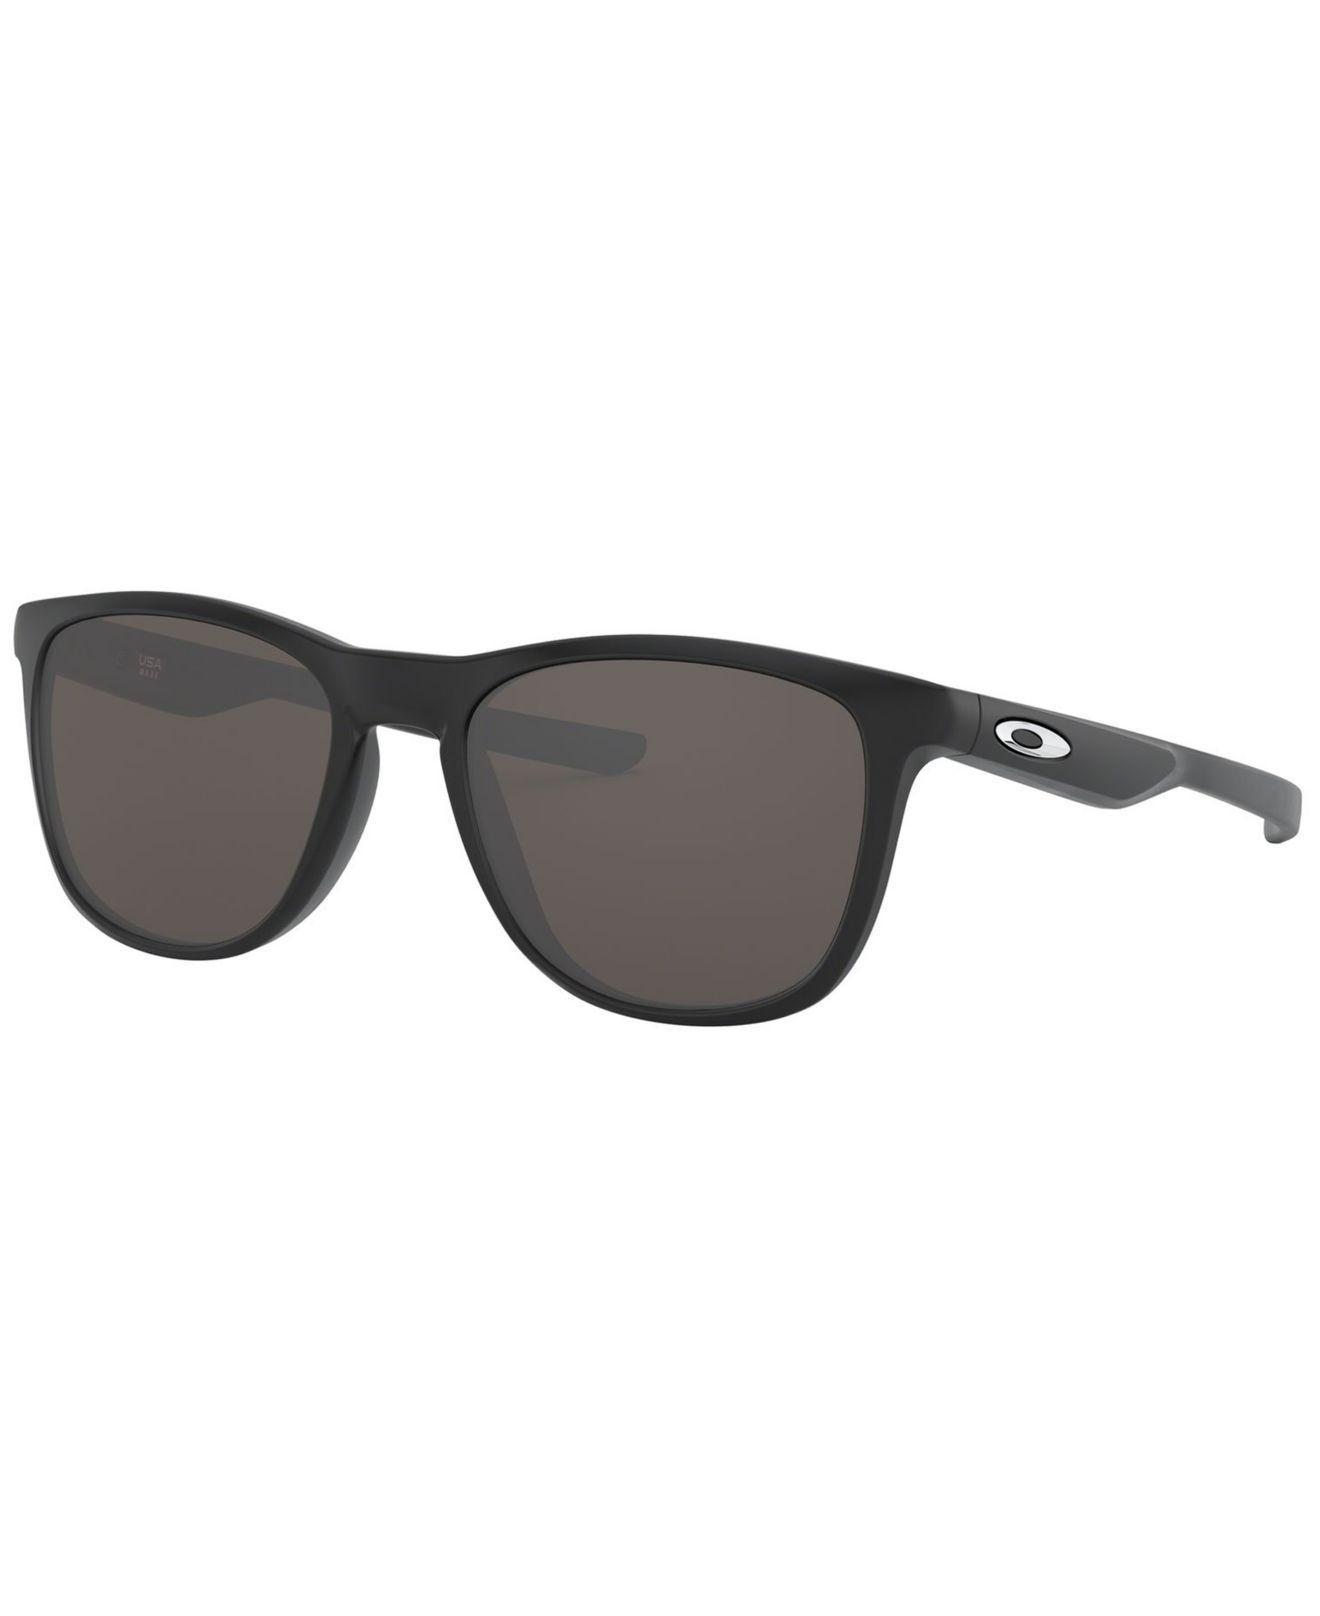 3a40e0f995 Oakley. Men s Black Trillbe X Sunglasses ...